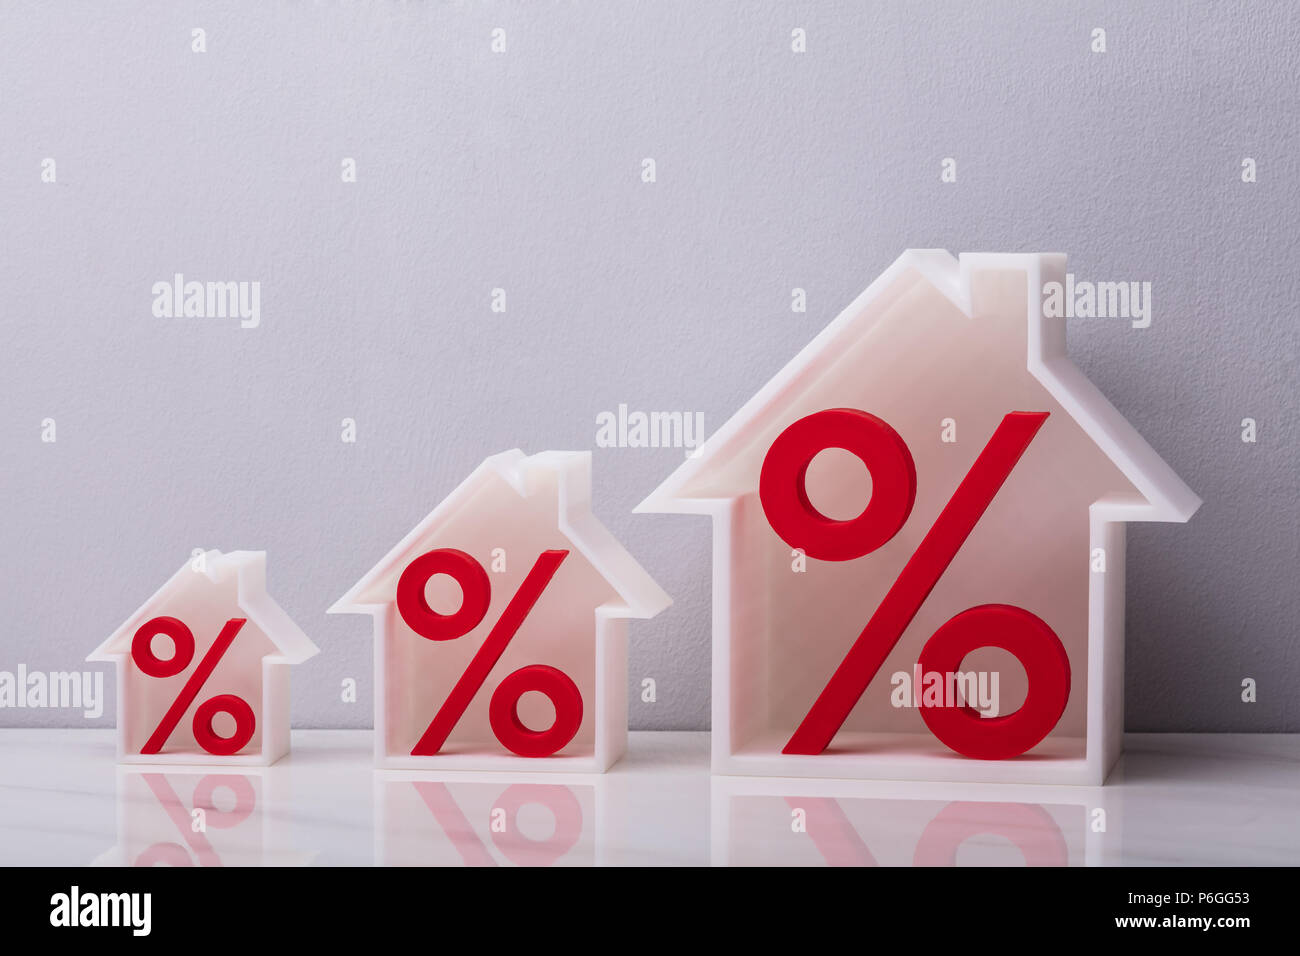 Percentage Symbols Inside Increasing House Models Against White Background - Stock Image